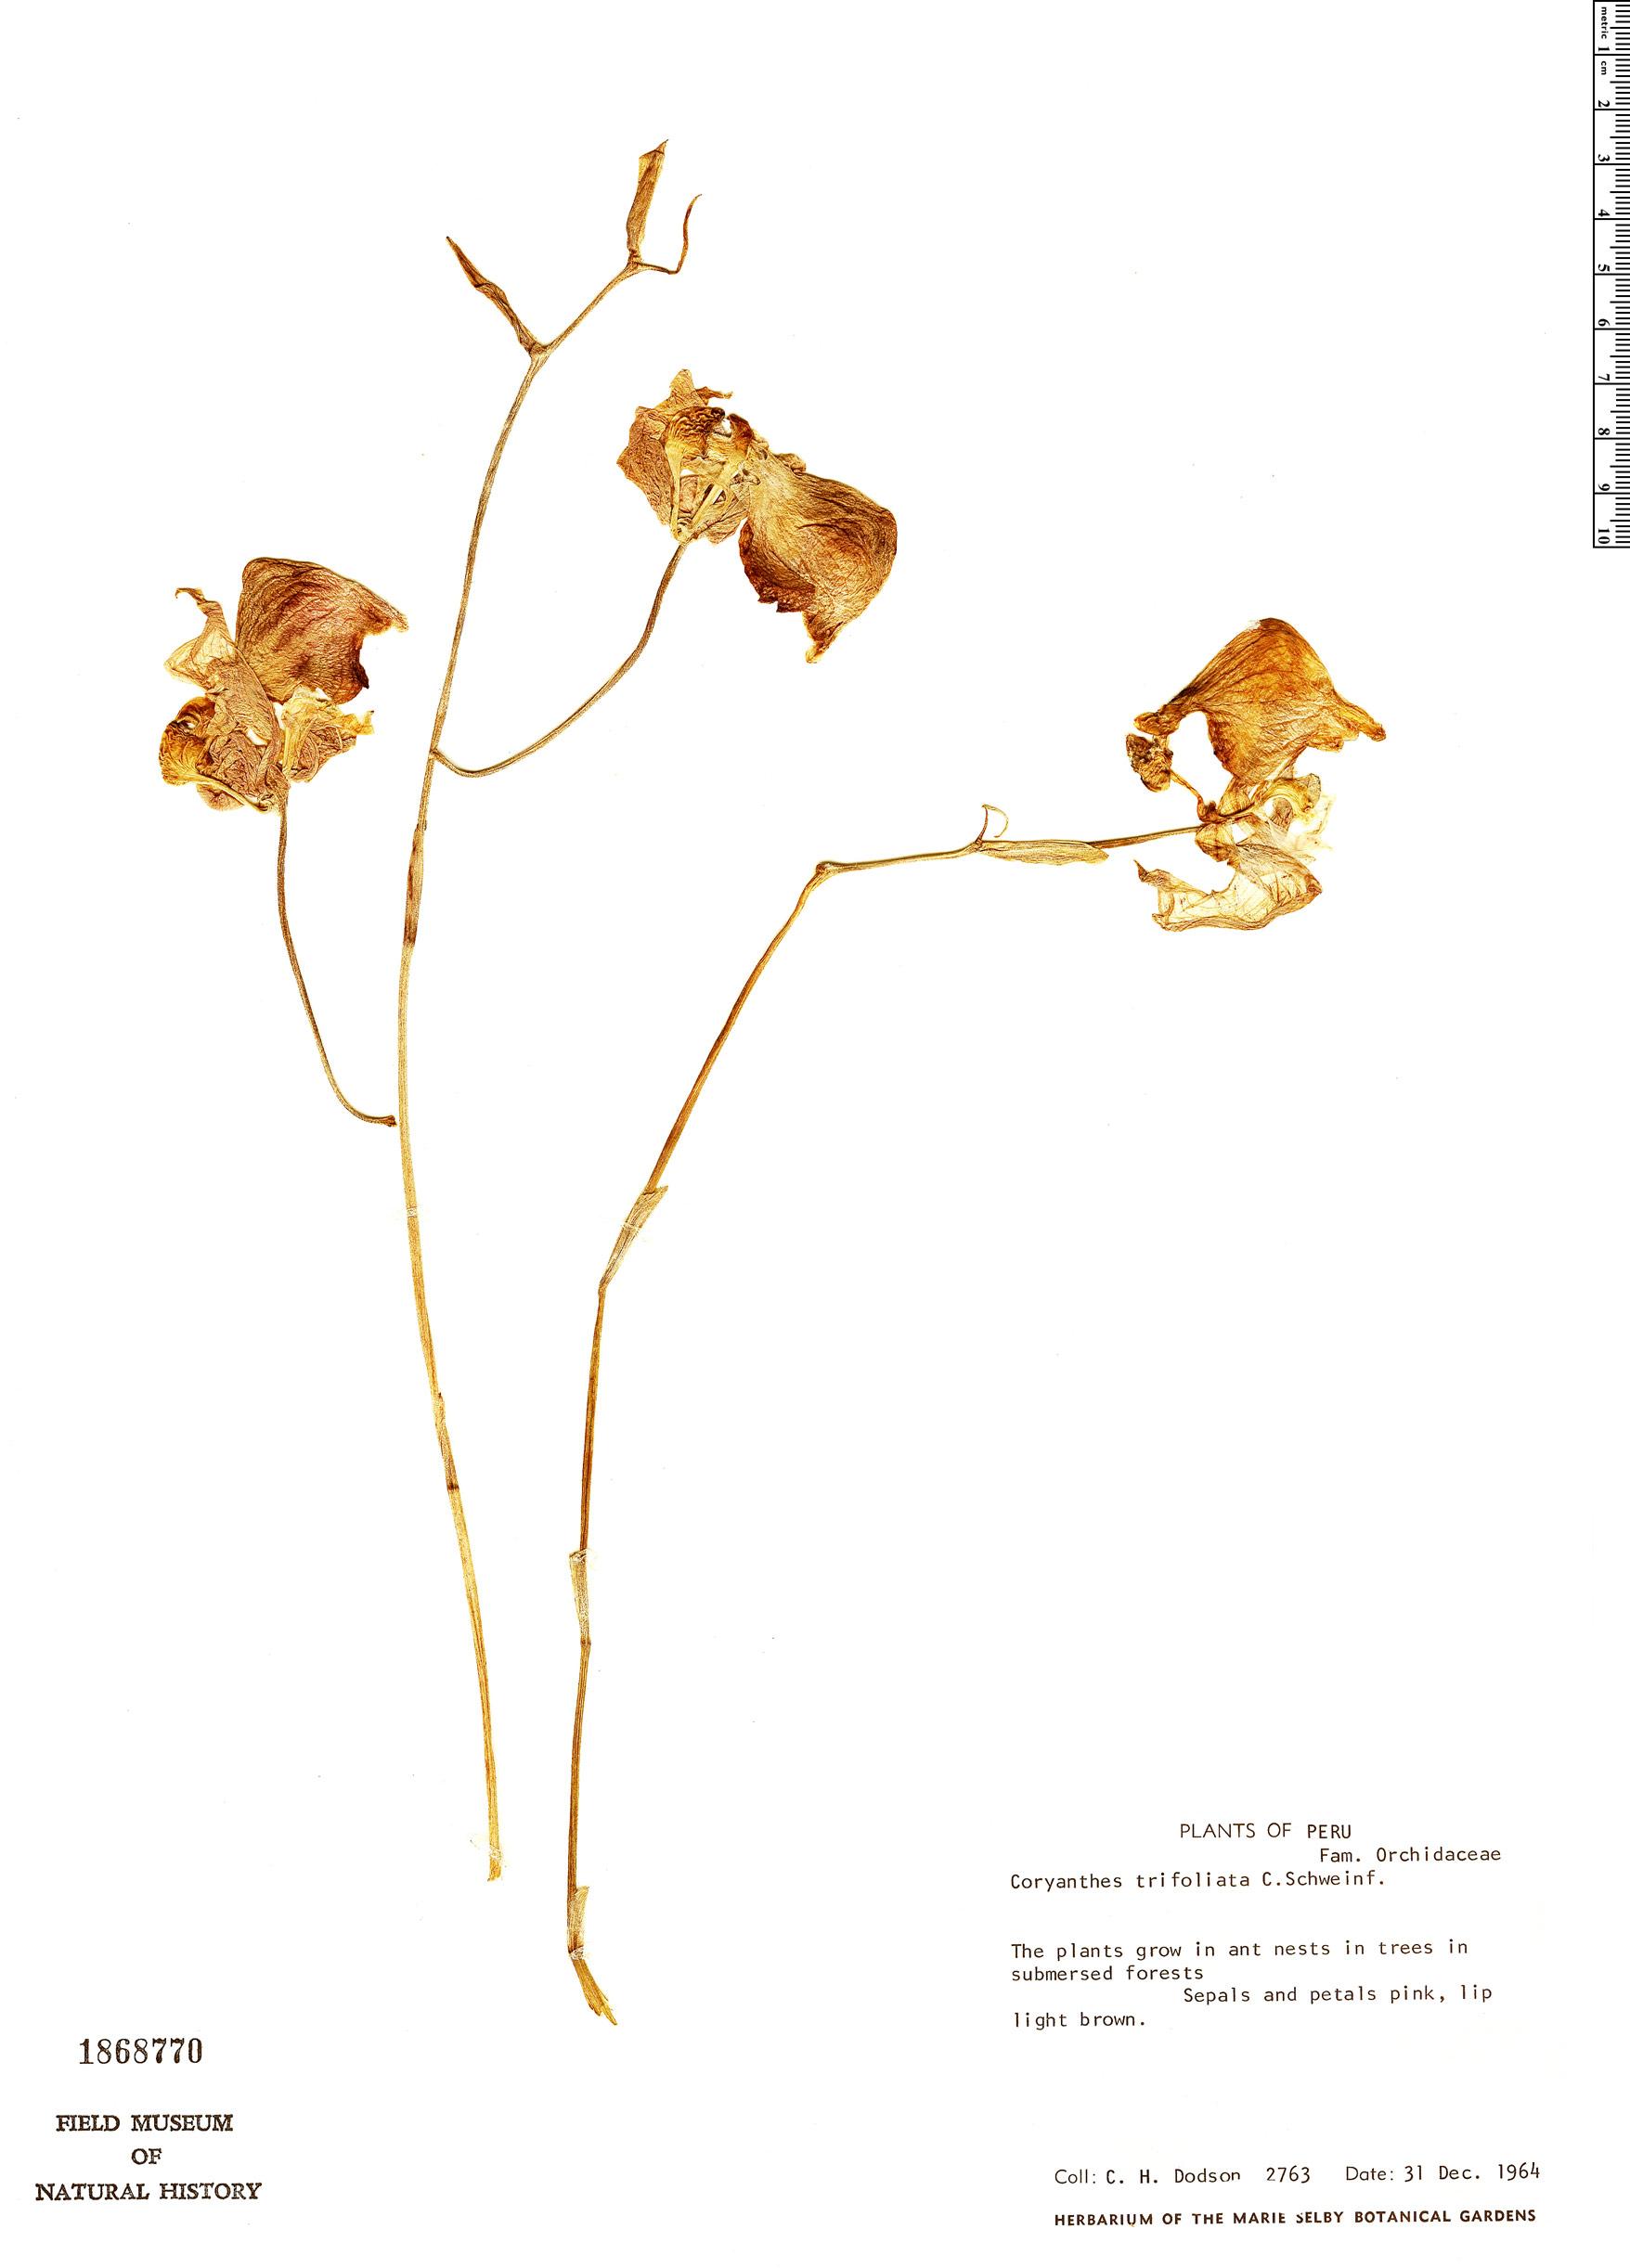 Specimen: Coryanthes trifoliata